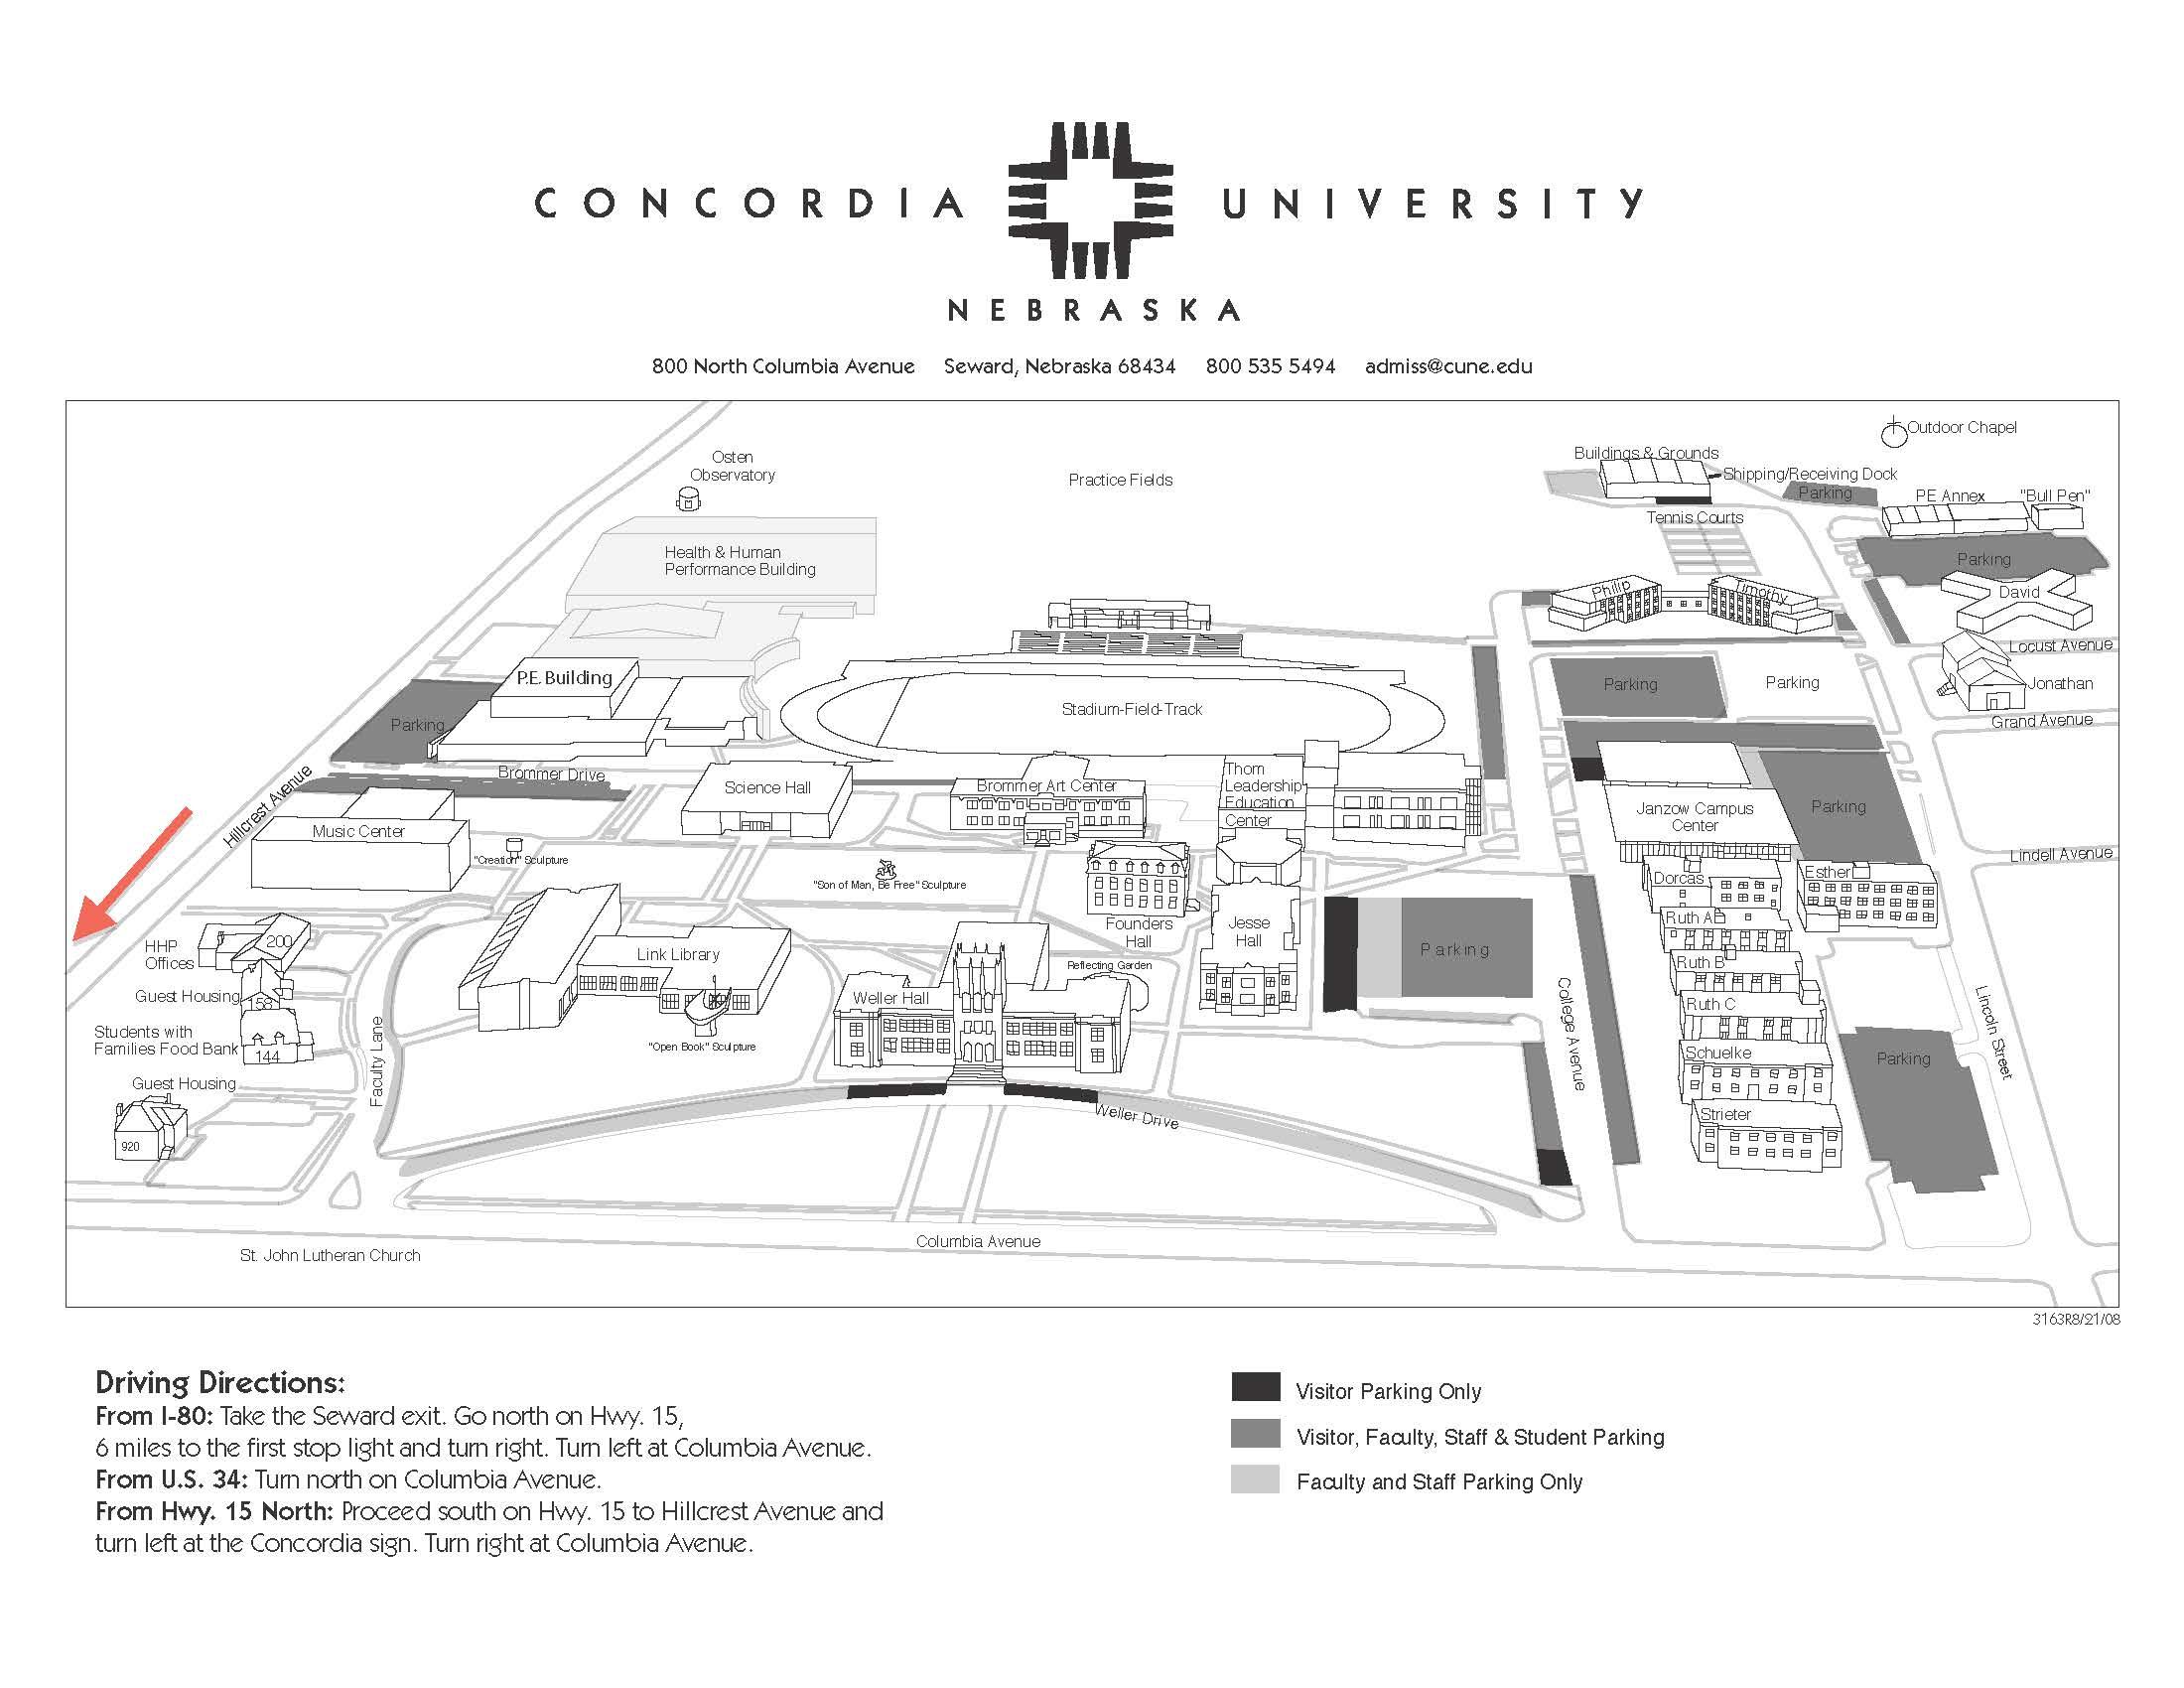 concordia campus map – bnhspine